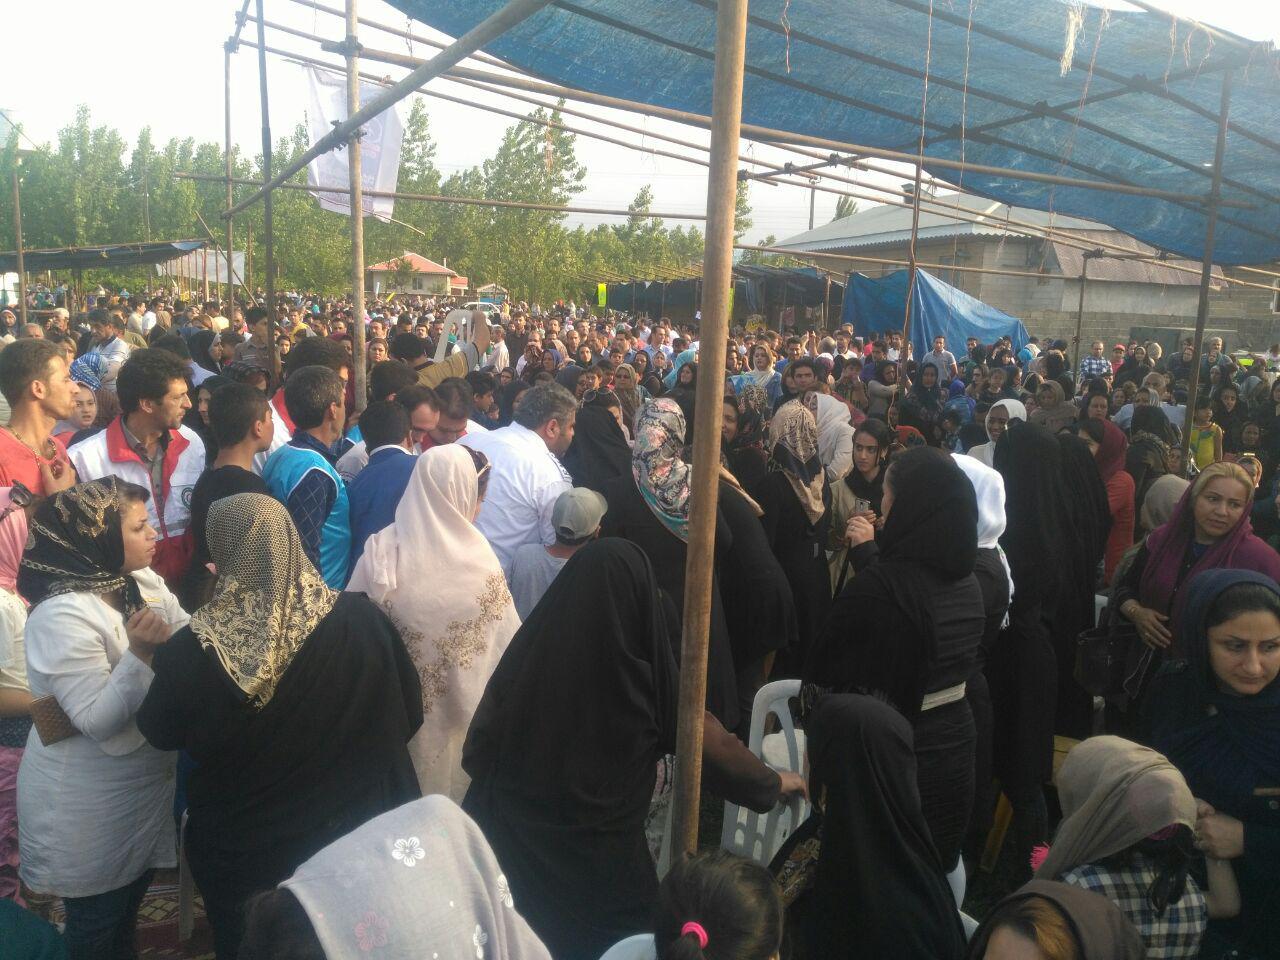 اختصاصی/سقوط داربست بر سر مردم حاضر در هفتمین جشنواره توت فرنگی صوفیانده